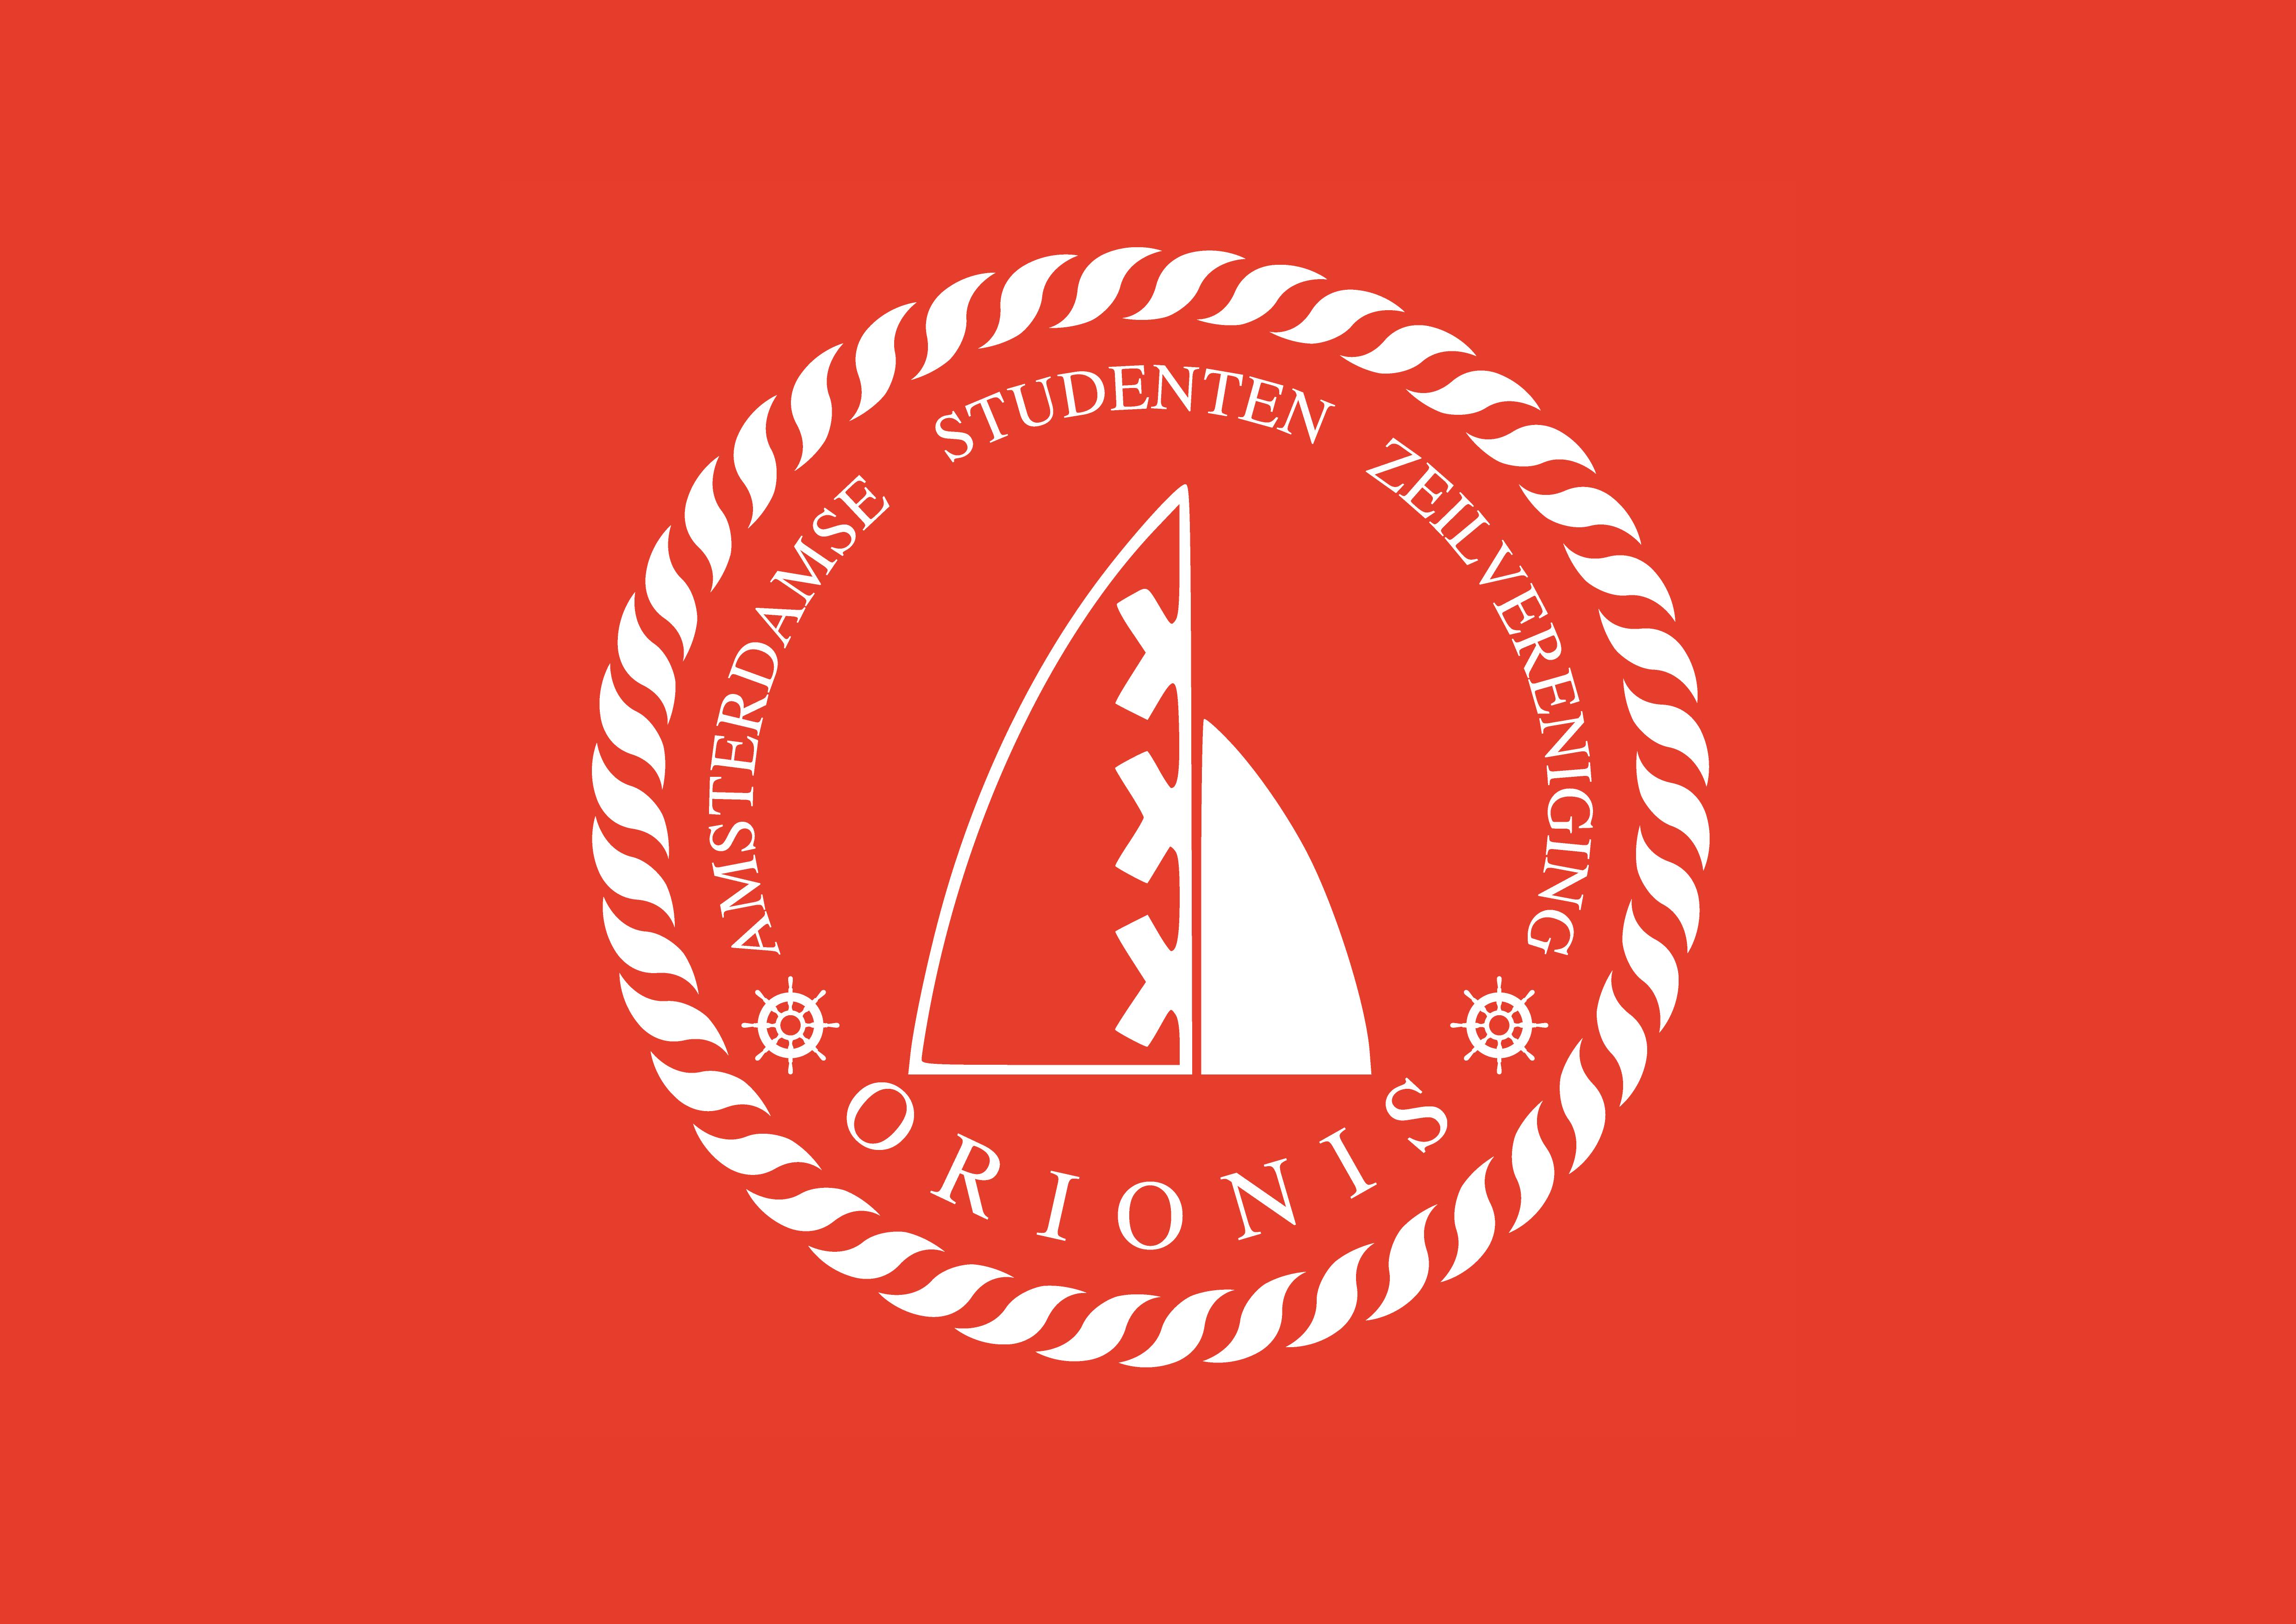 Amsterdamse Studenten Zeilvereniging Orionis